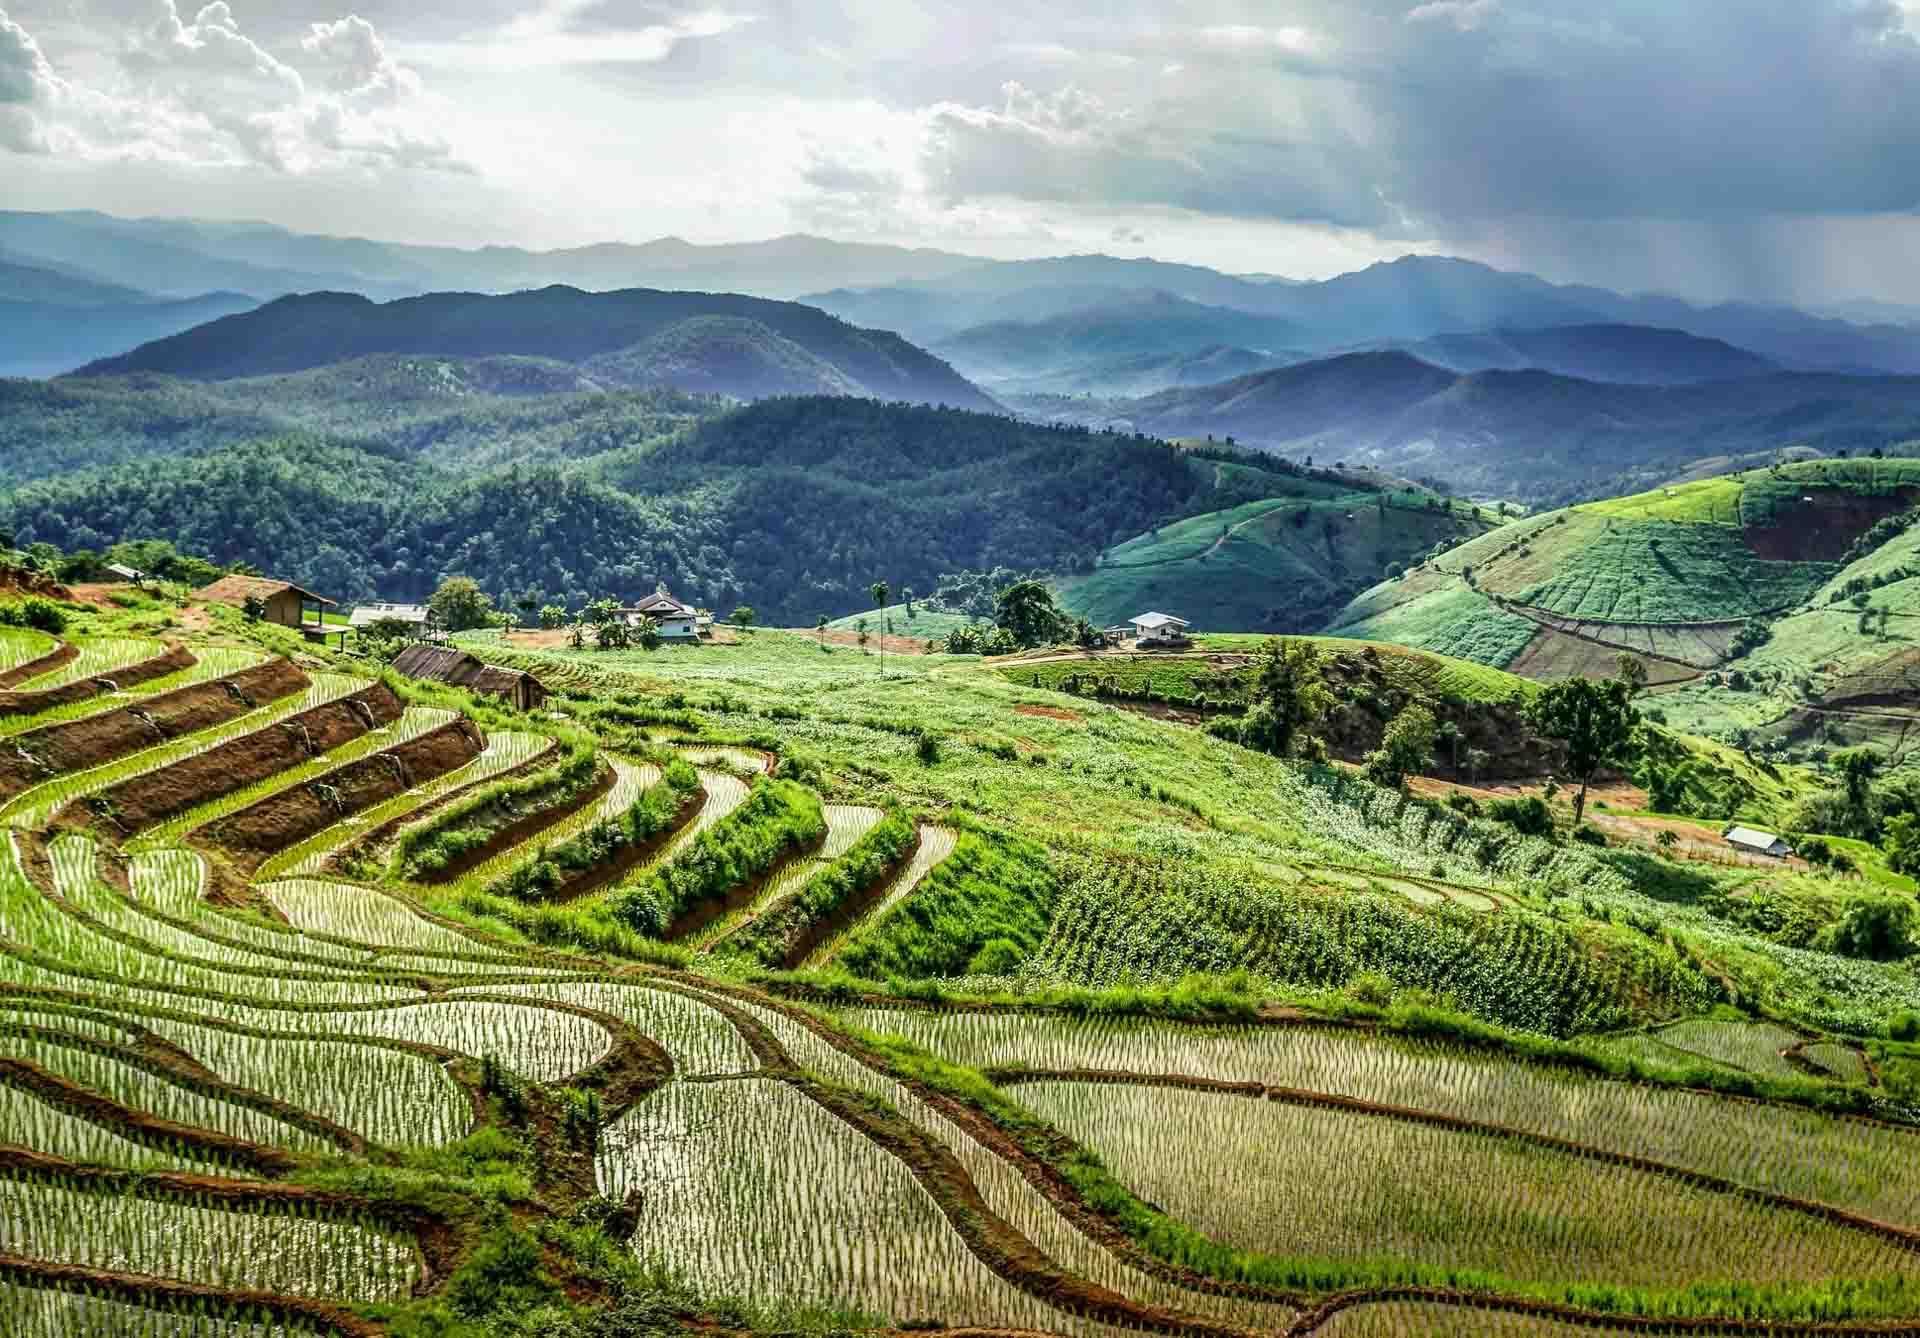 Les rizières de Papongpeang près de Chiang Mai © David Gardiner